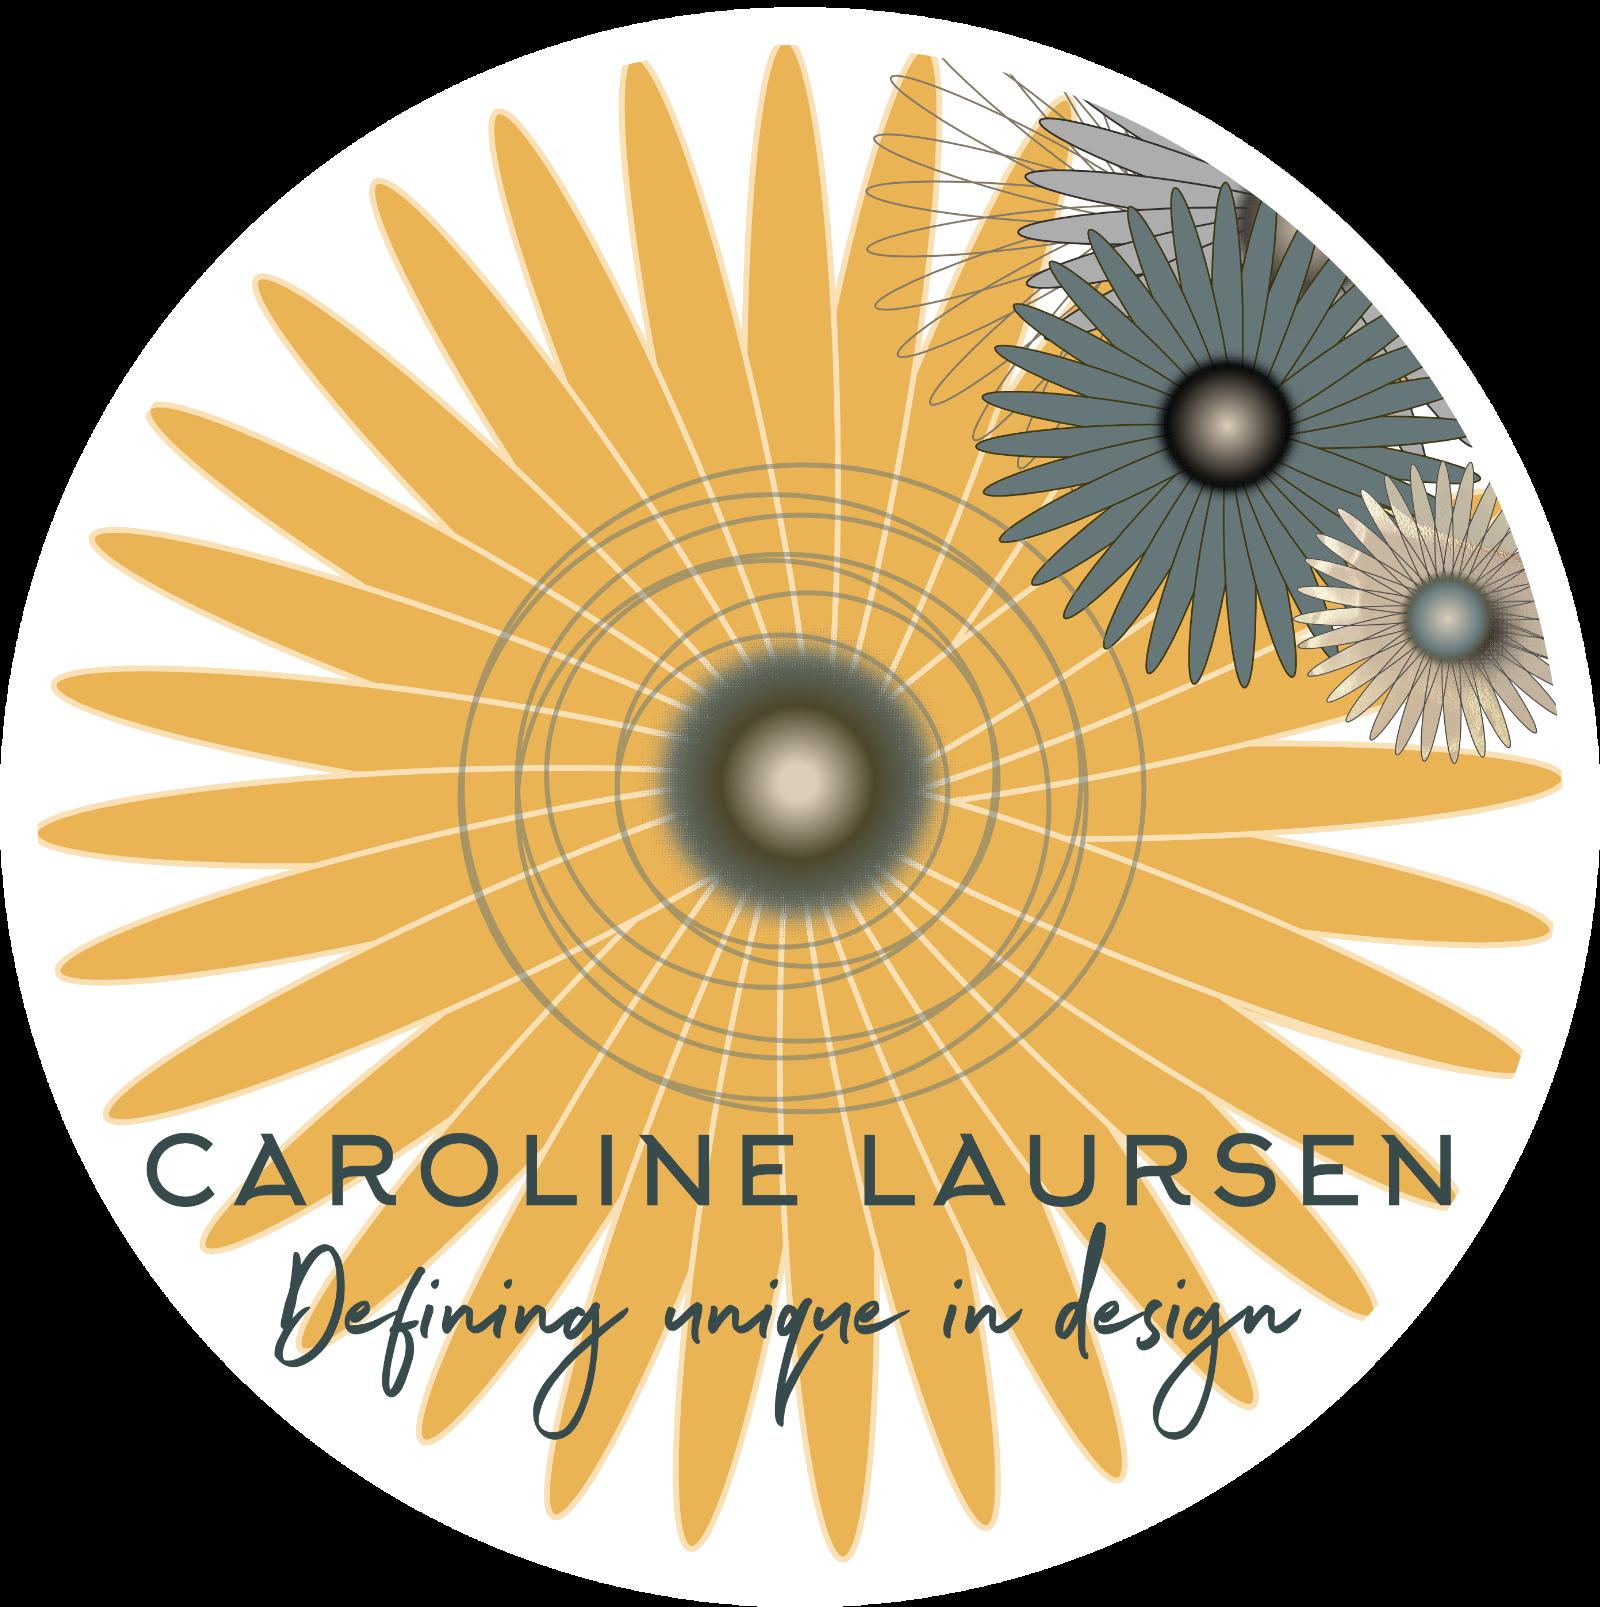 CarolineLaursen